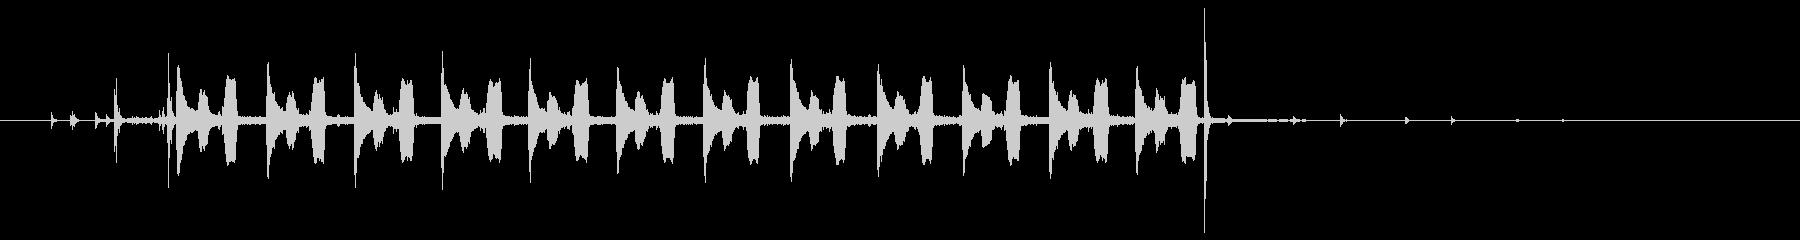 クロックカッコウストライク12-カ...の未再生の波形